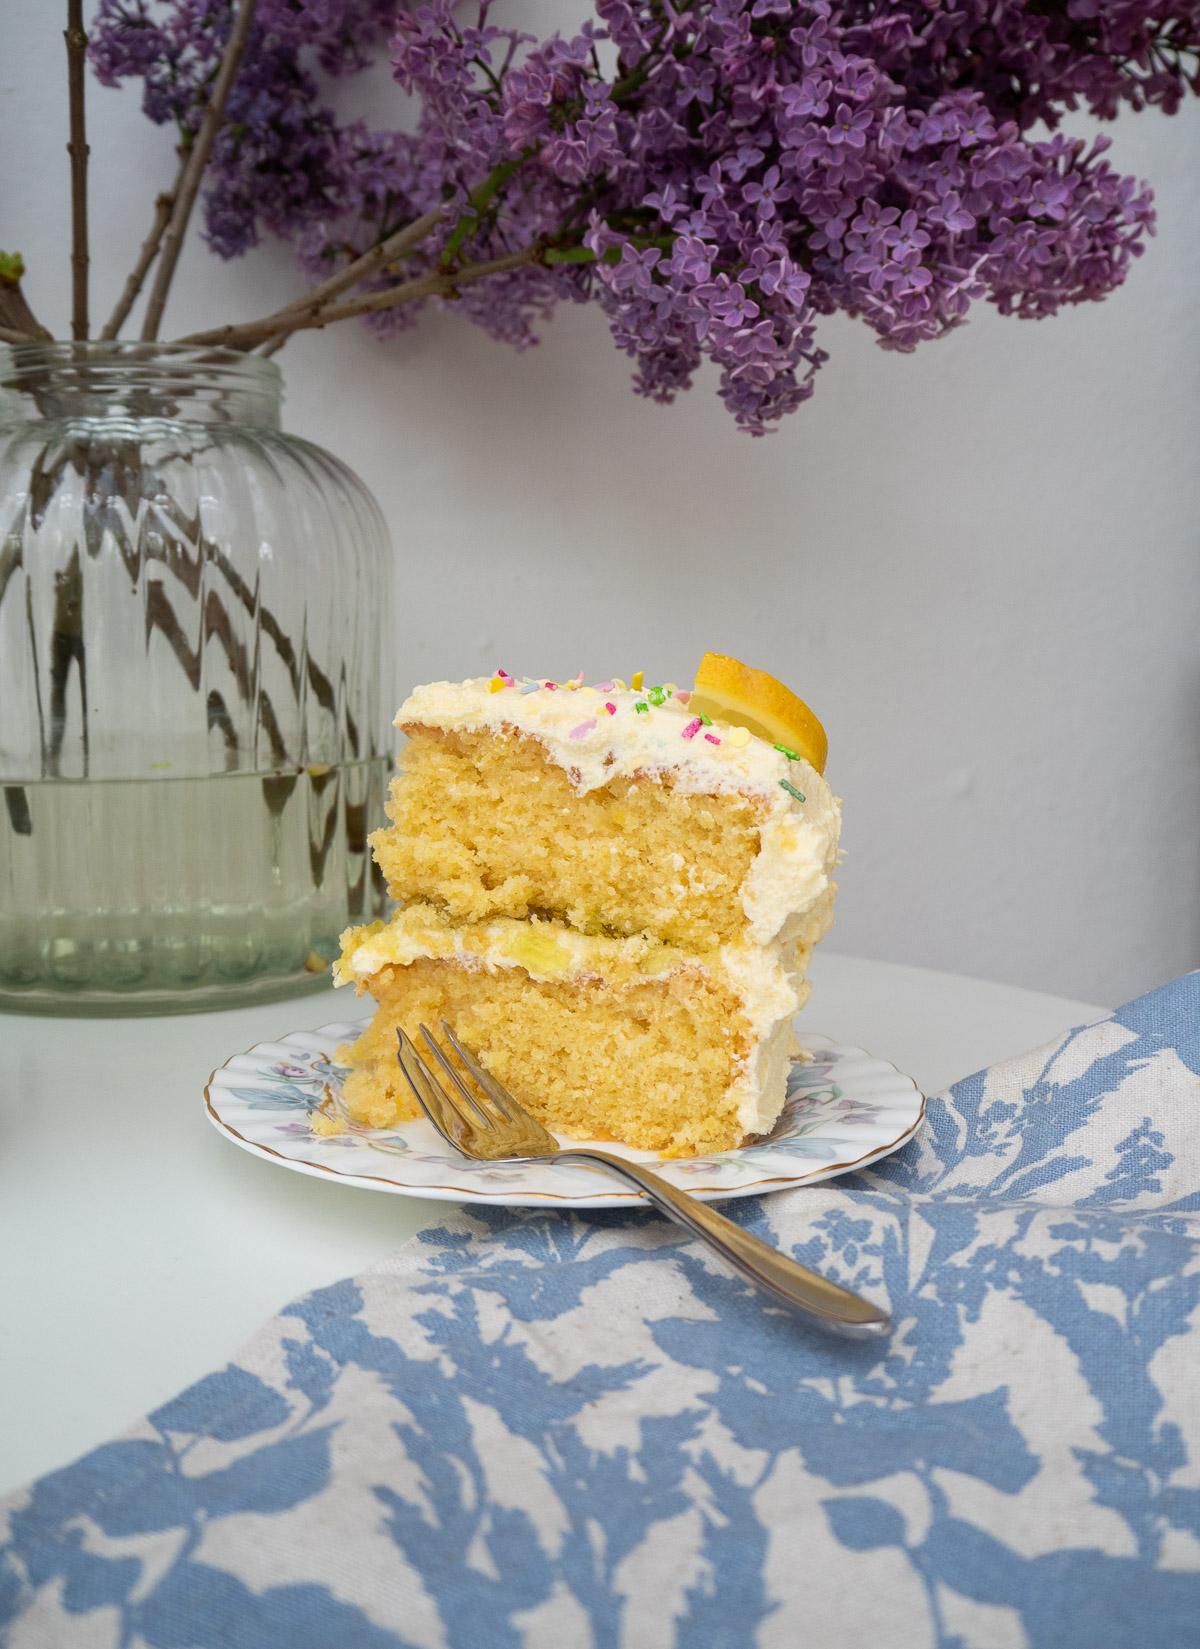 Lemon Cake, Recipe, Cake, Lemon Sponge Cake, Lemon Buttercream, Birthday Cake